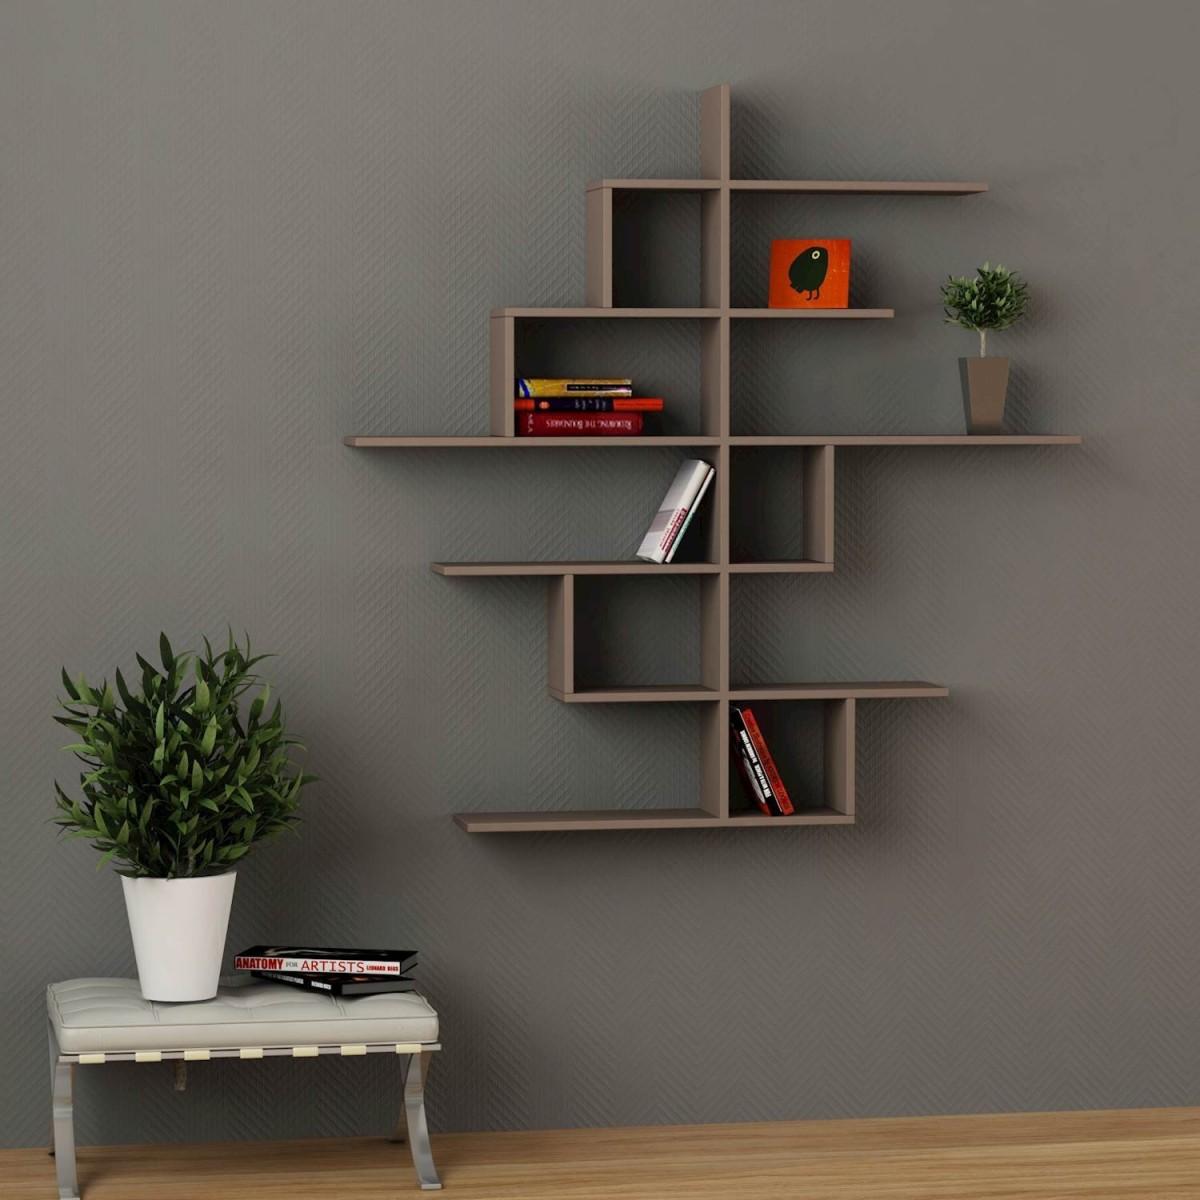 Durban libreria a muro design moderno in legno 150 x 150 cm for Libreria mensole